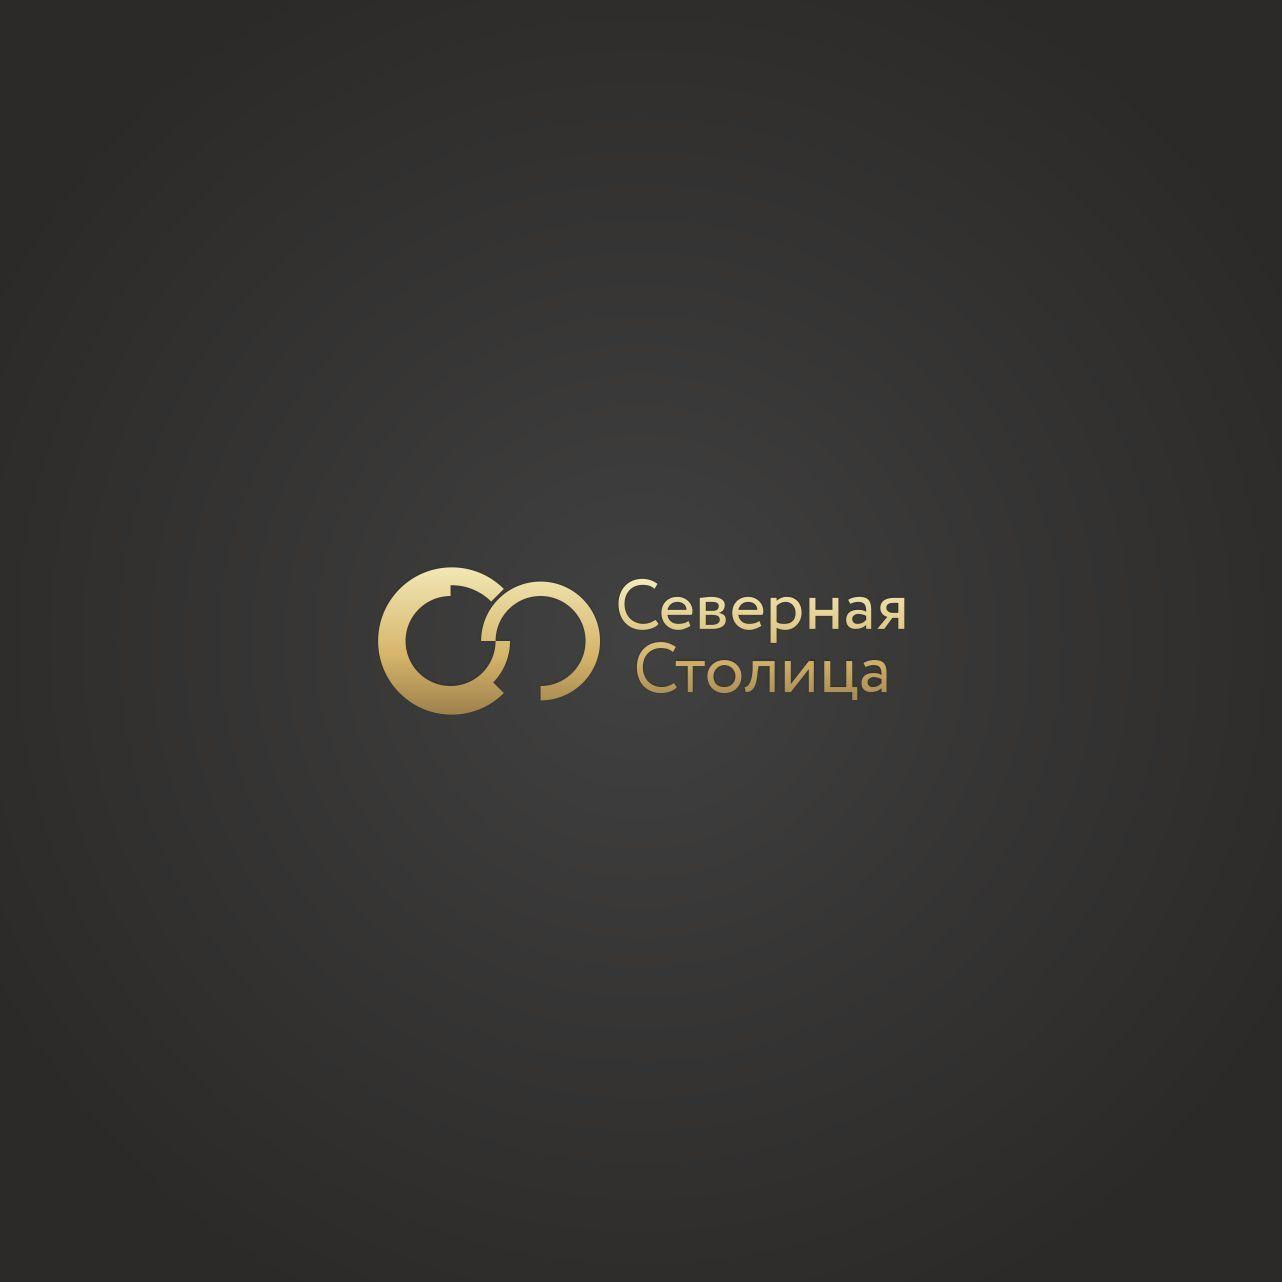 Логотип для компании Северная Столица - дизайнер LavrentevVA